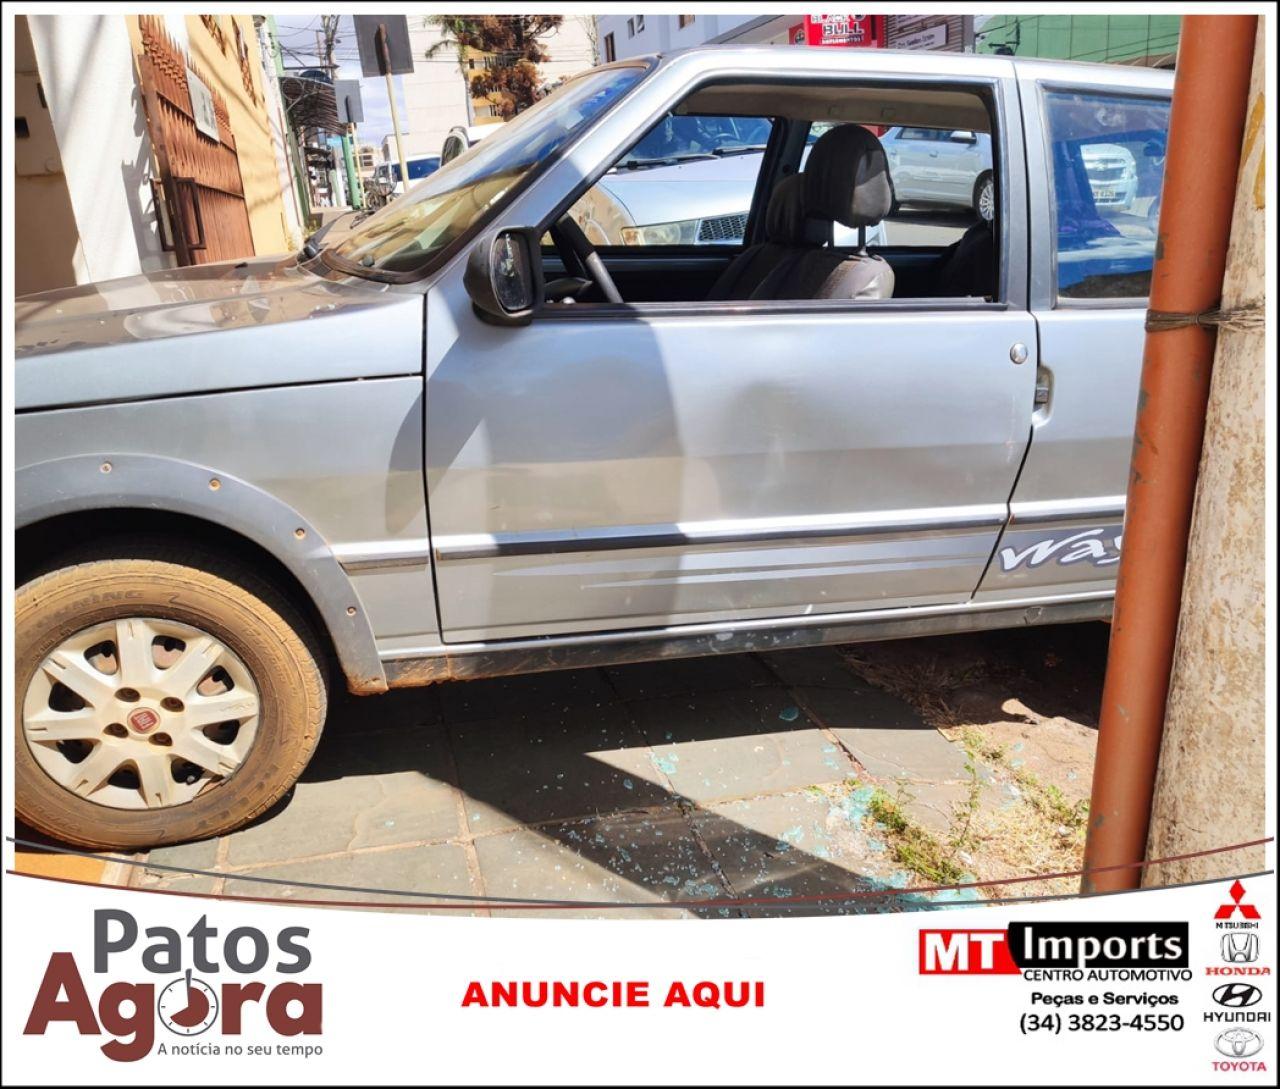 Após acidente, motorista danifica carro, atropela passageira e foge do local